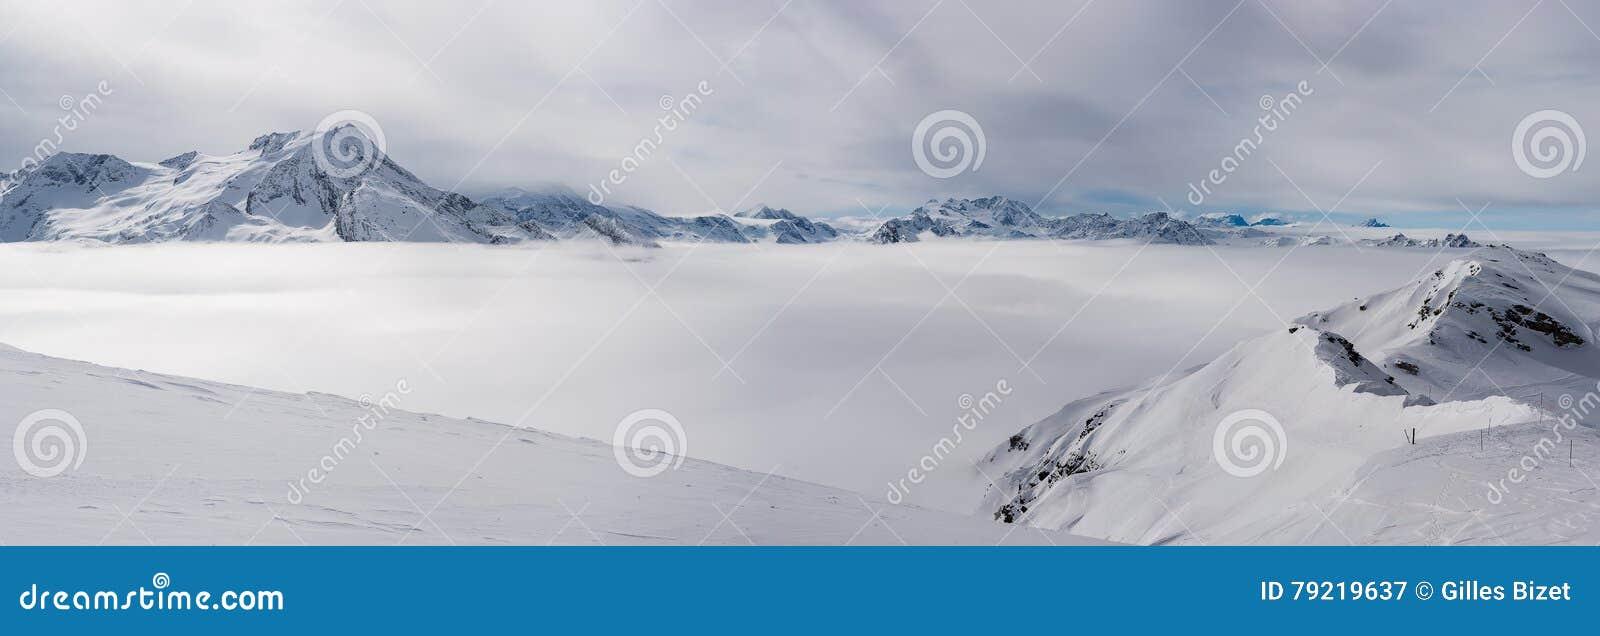 высокогорный ландшафт